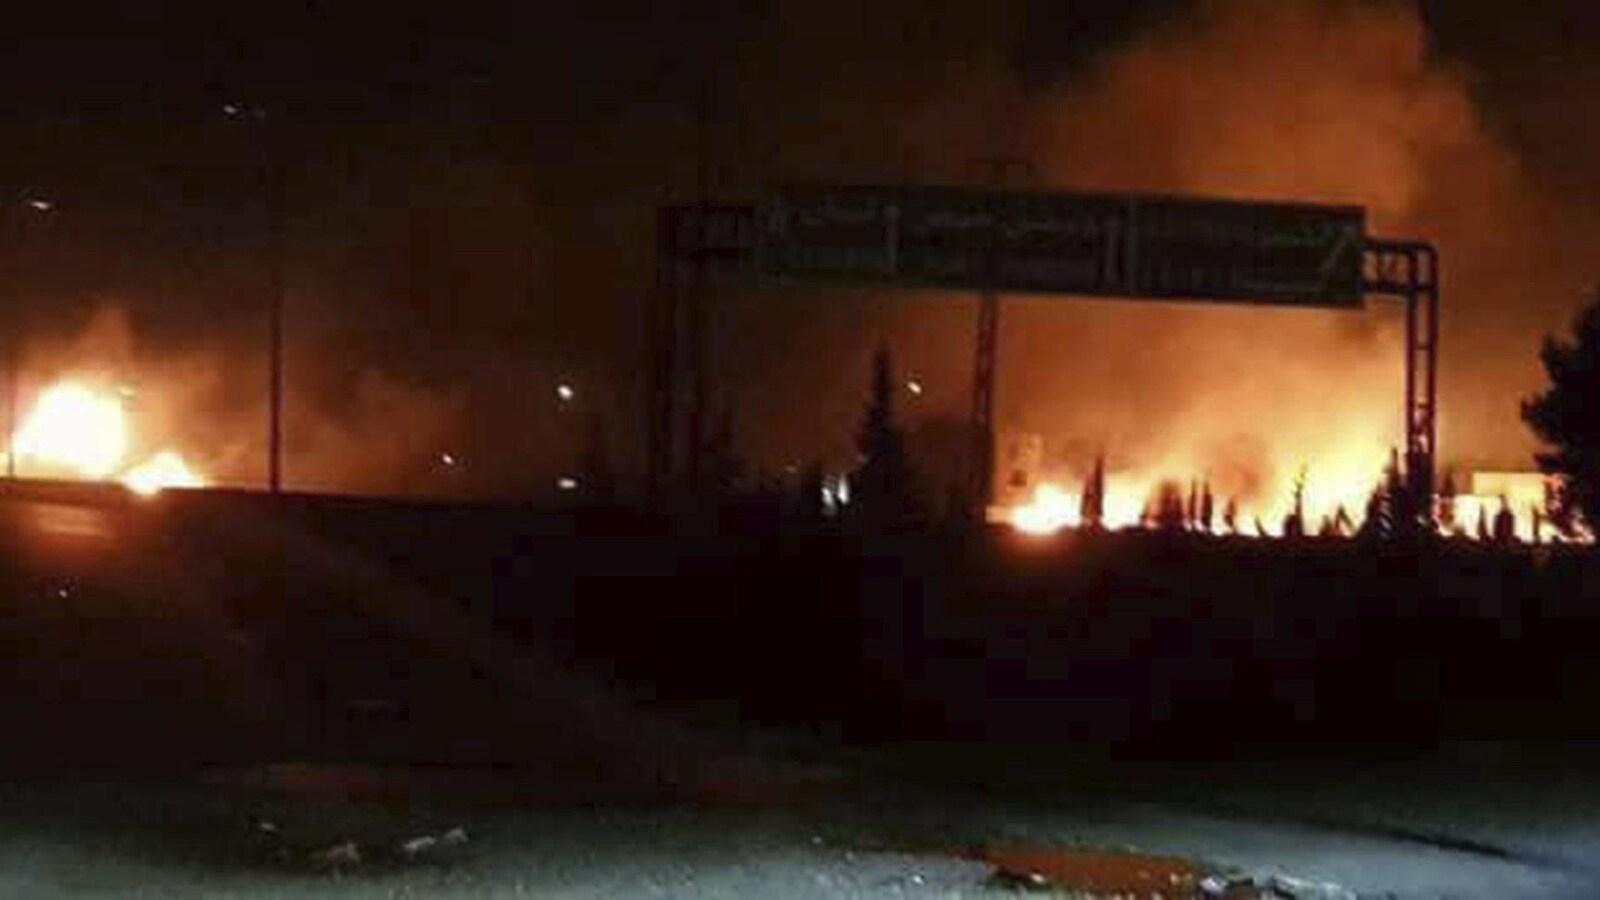 Cette photo rendue publique par l'agence de presse officielle syrienne SANA, montre des flammes se levant après une attaque dans une zone connue pour avoir de nombreuses bases militaires de l'armée syrienne, à Kisweh, au sud de Damas, en Syrie.